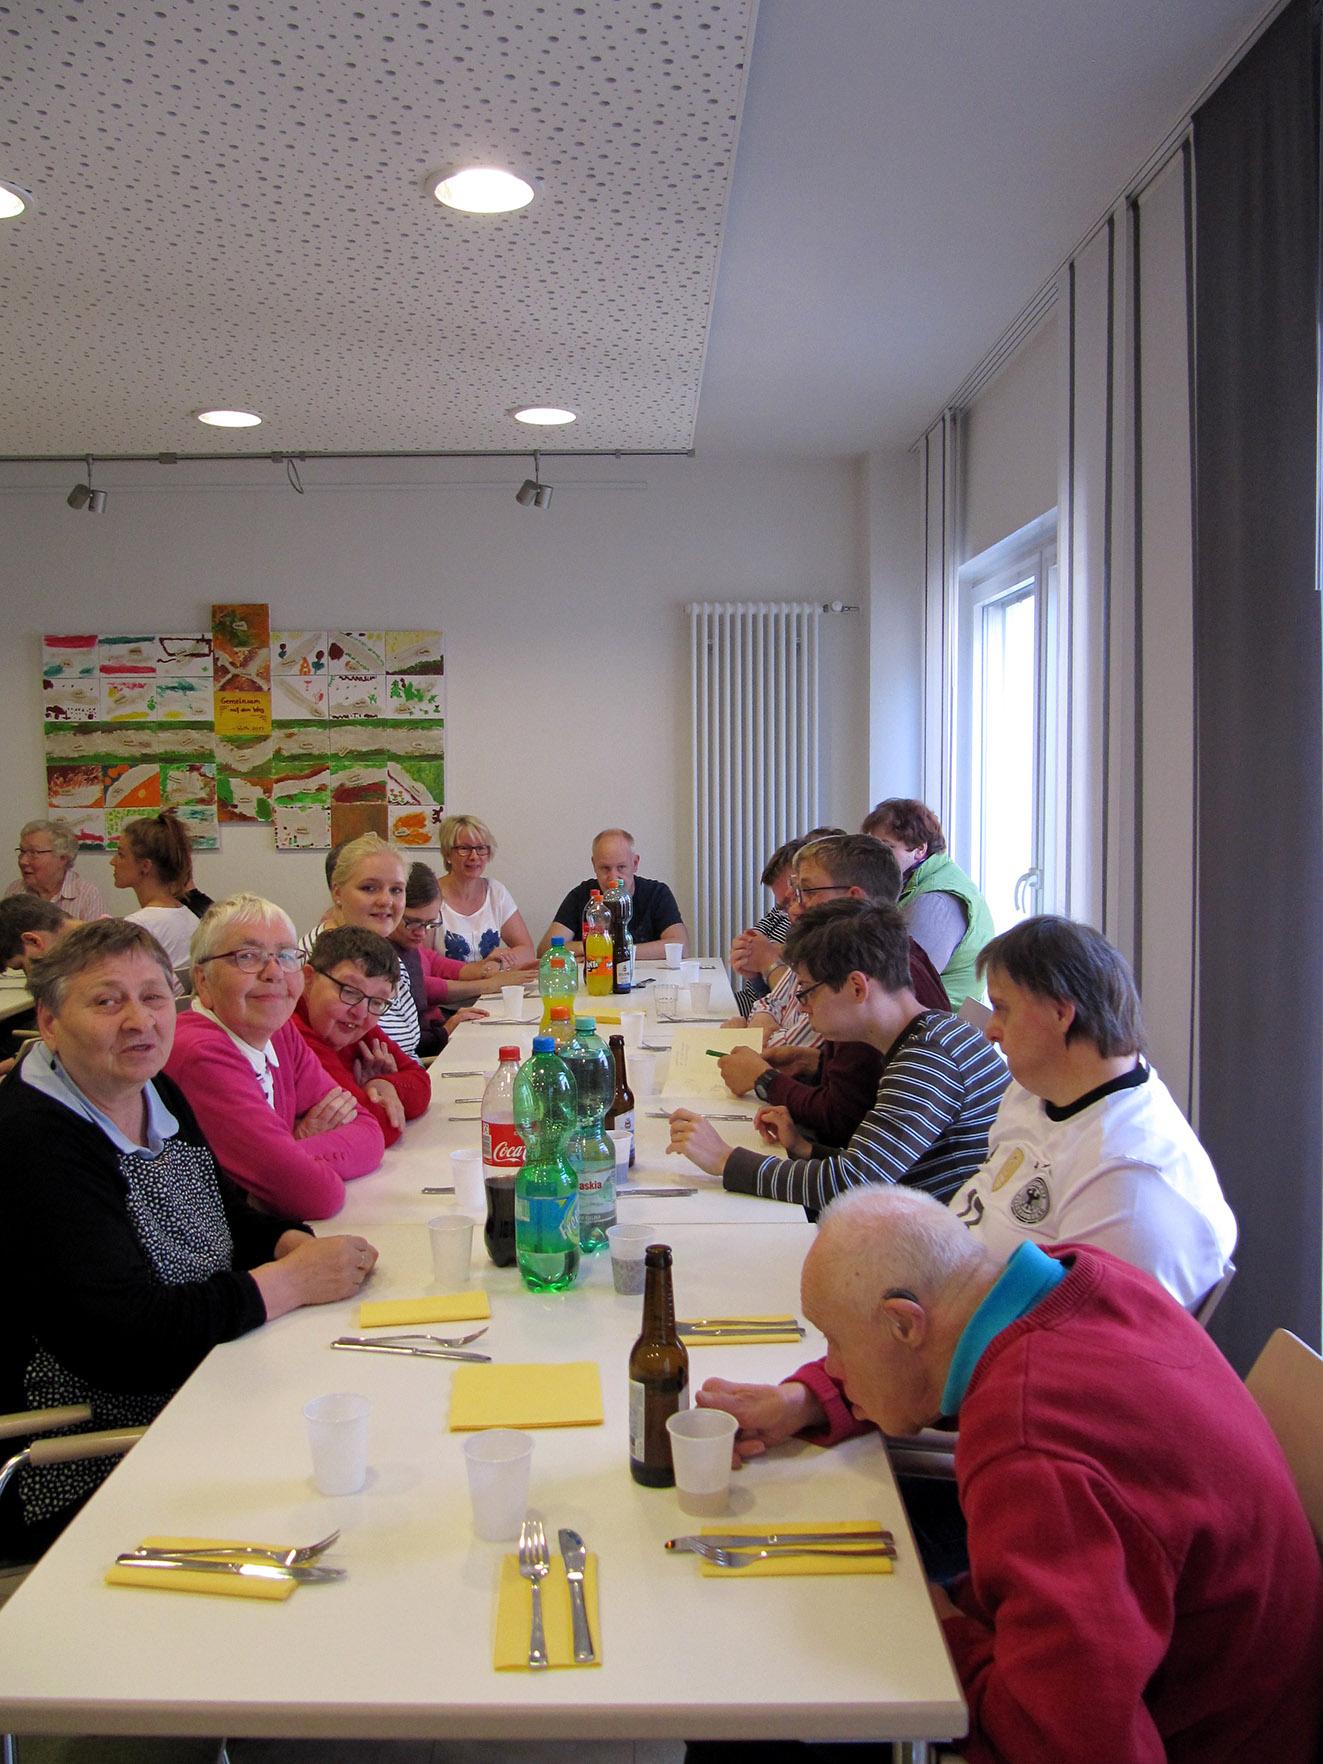 Gemütliches Beisammensein im Gemeinschaftsraum prägten auch diesmal das Programm des Grillfestes der IGMB